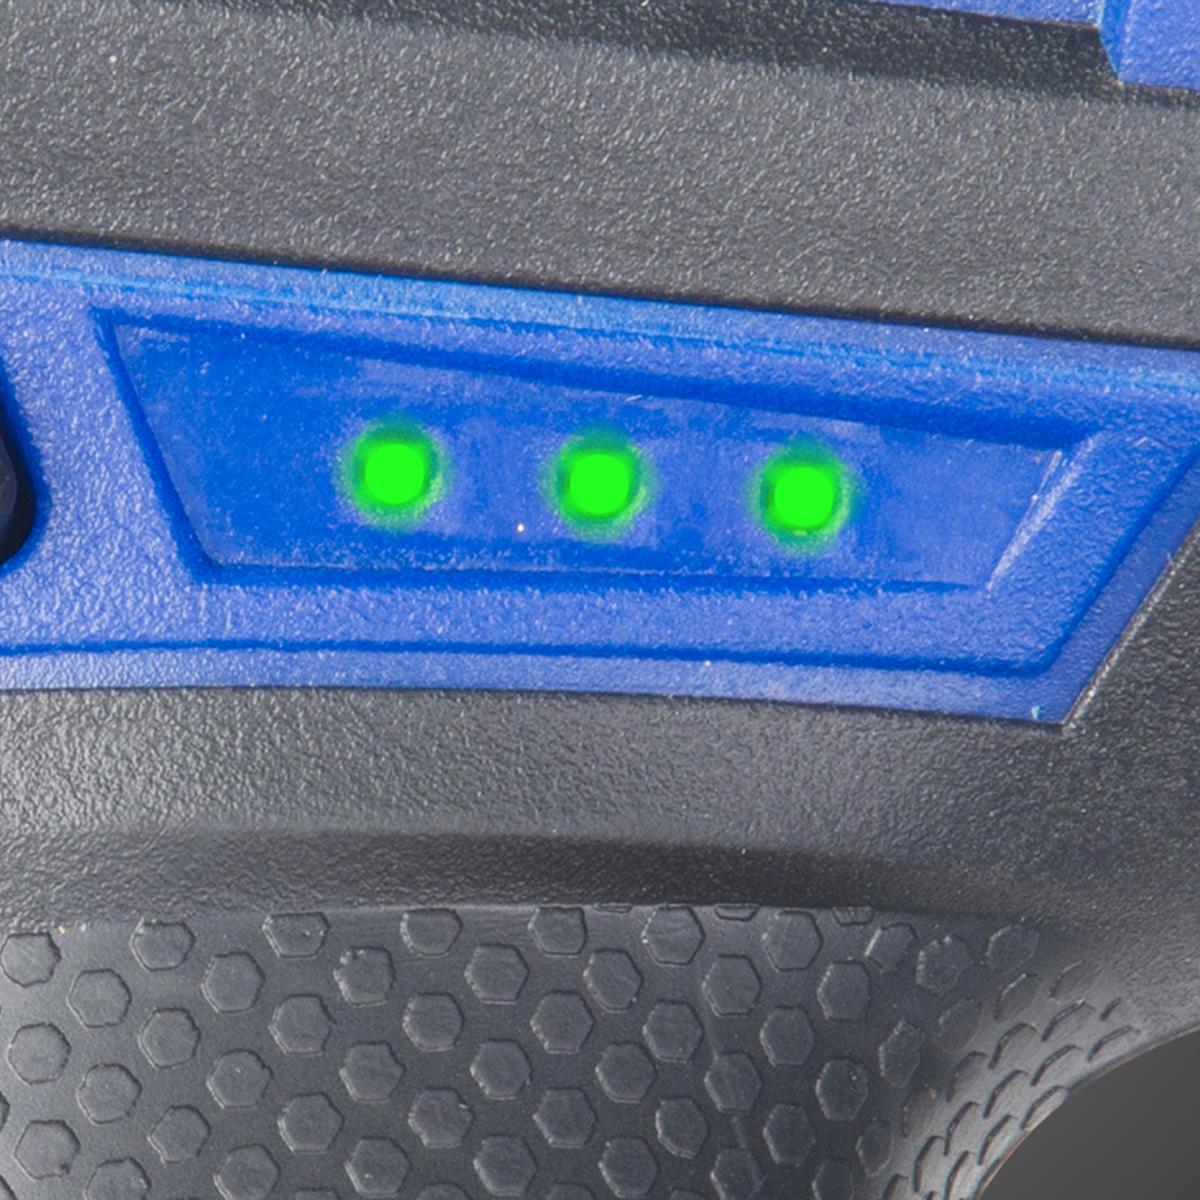 Bild 5 von Michelin Akku Poliermaschine M-CP 12 Volt